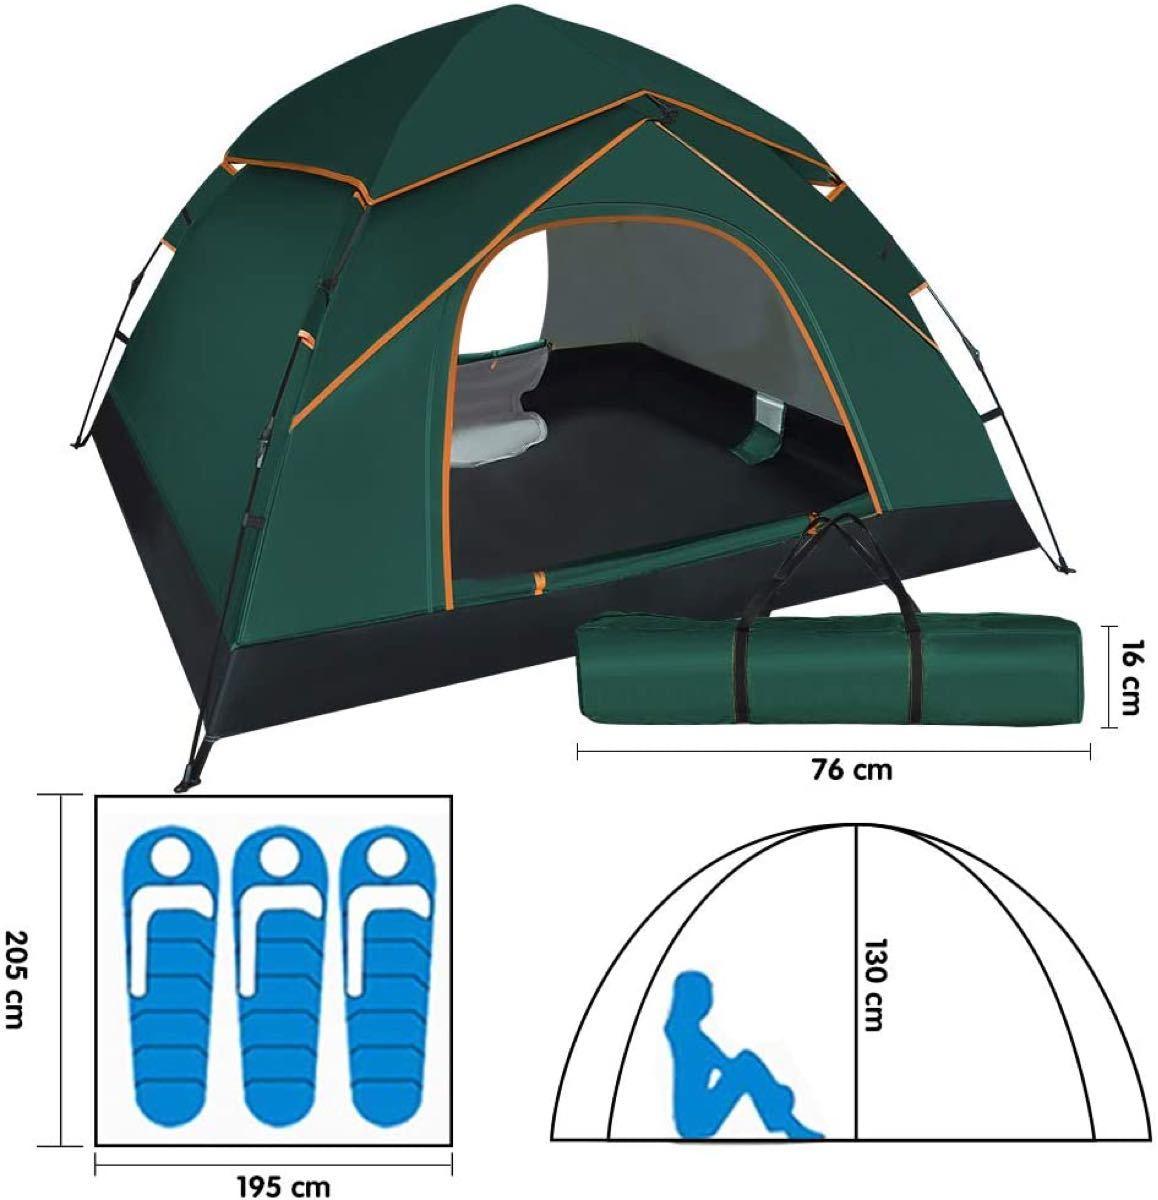 ワンタッチテント 3~4人用 キャンプテント 数秒設営 uvカット加工 蚊帳付き